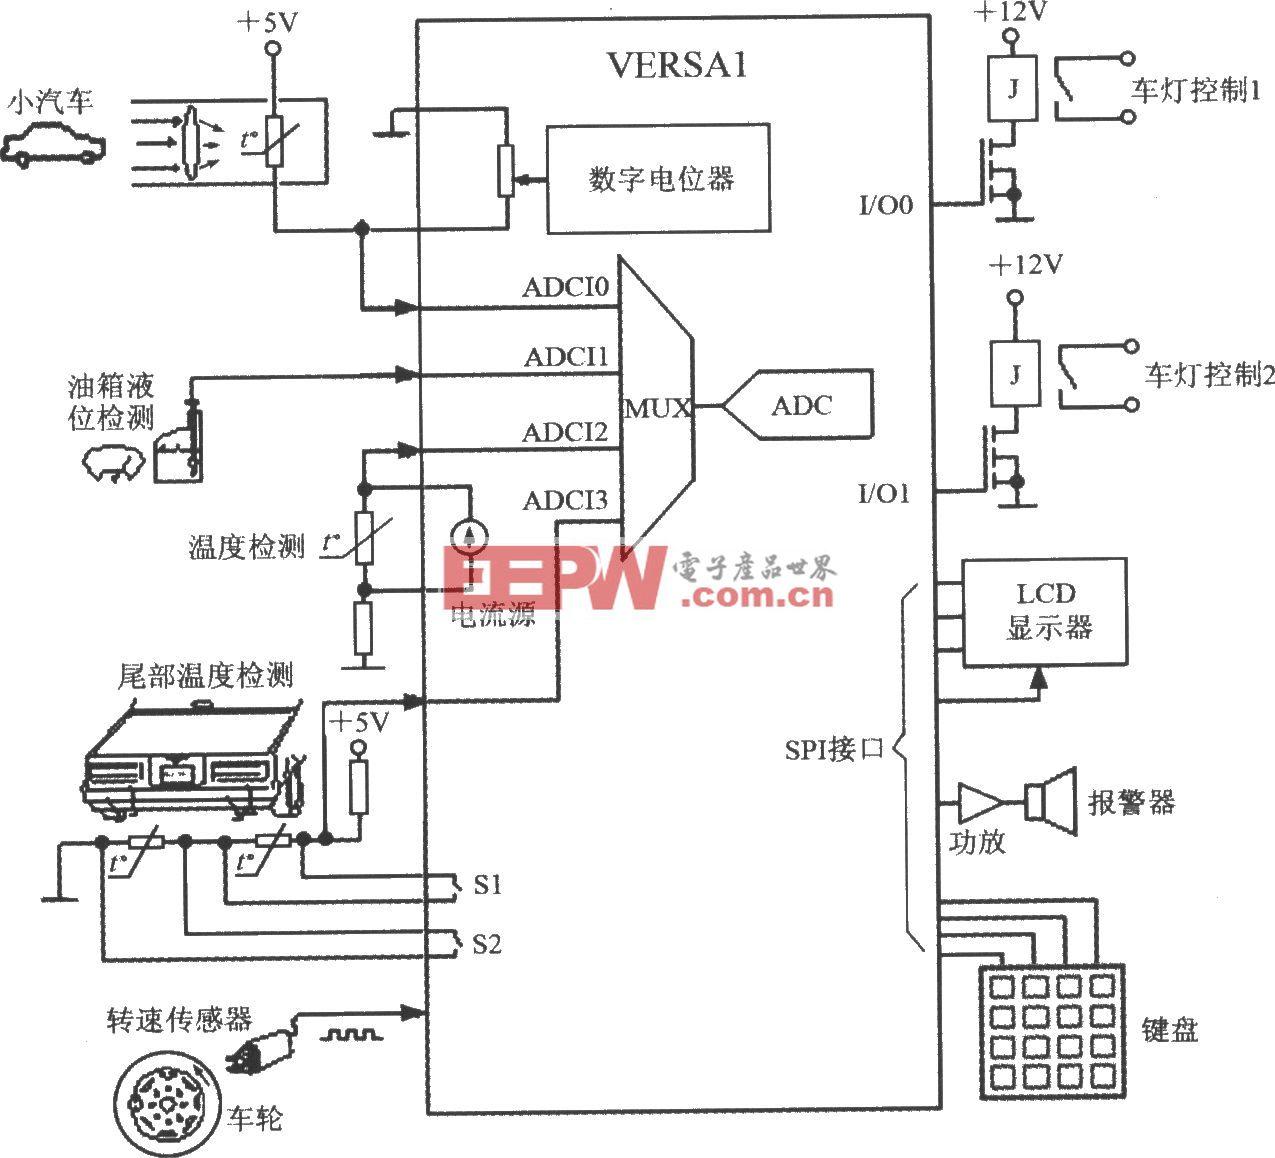 由具有DSP功能的单片数据采集系统VERSA1构成汽车测控系统电路